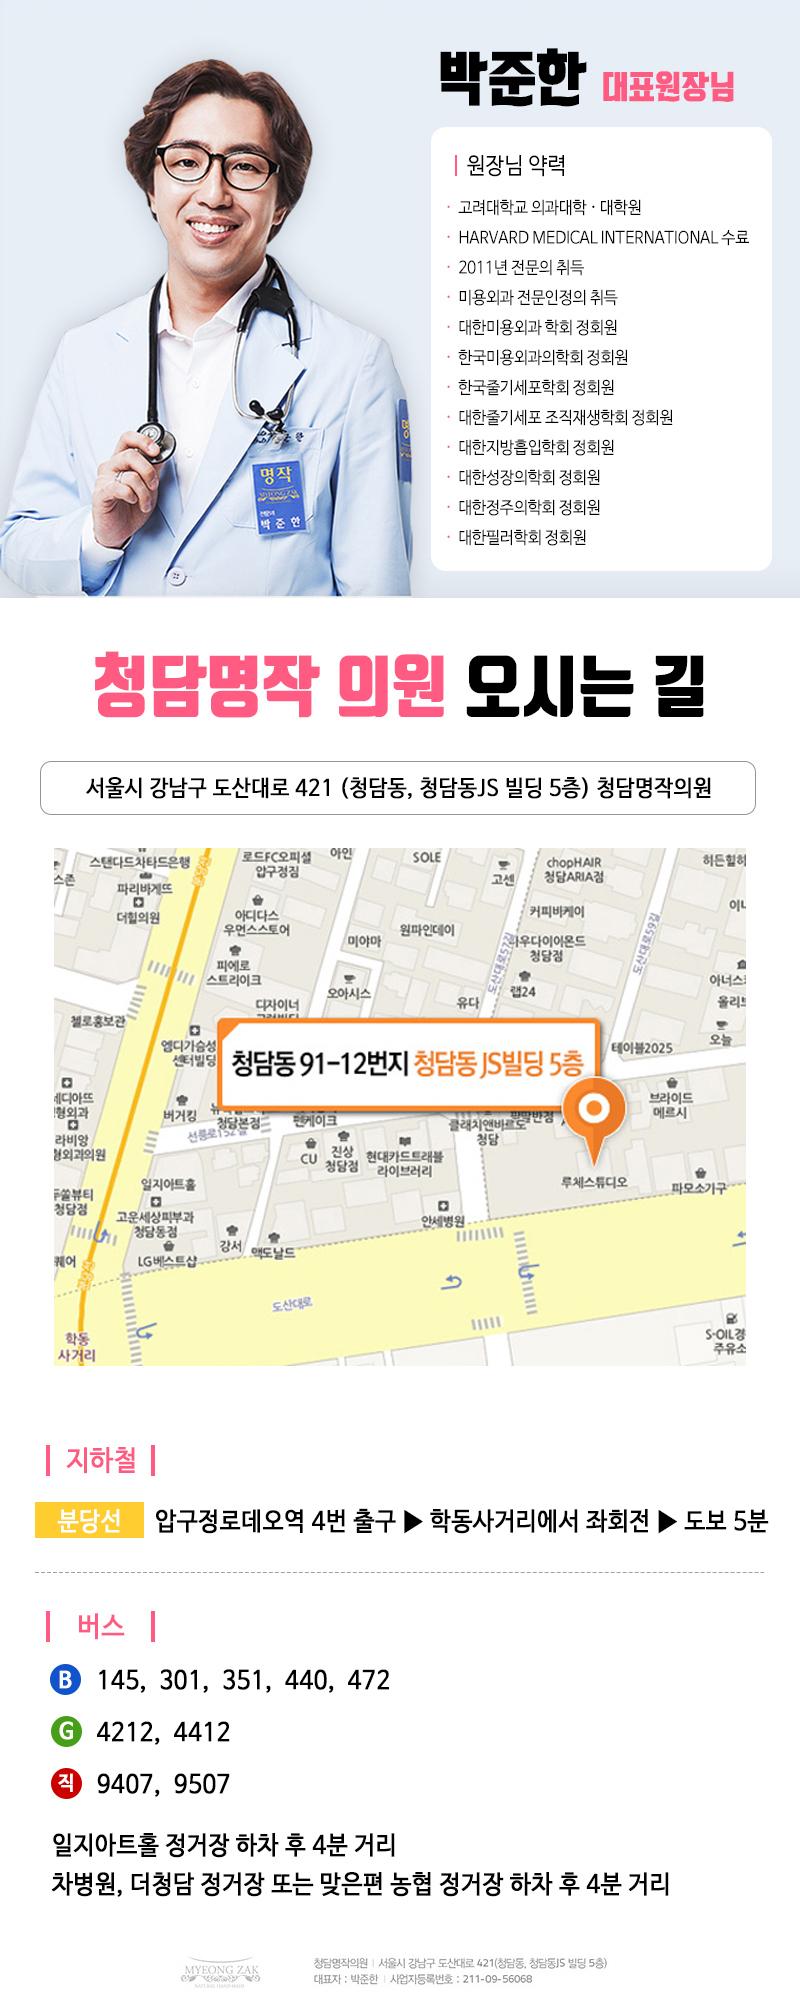 D event info bc96ced91b408d3cf5